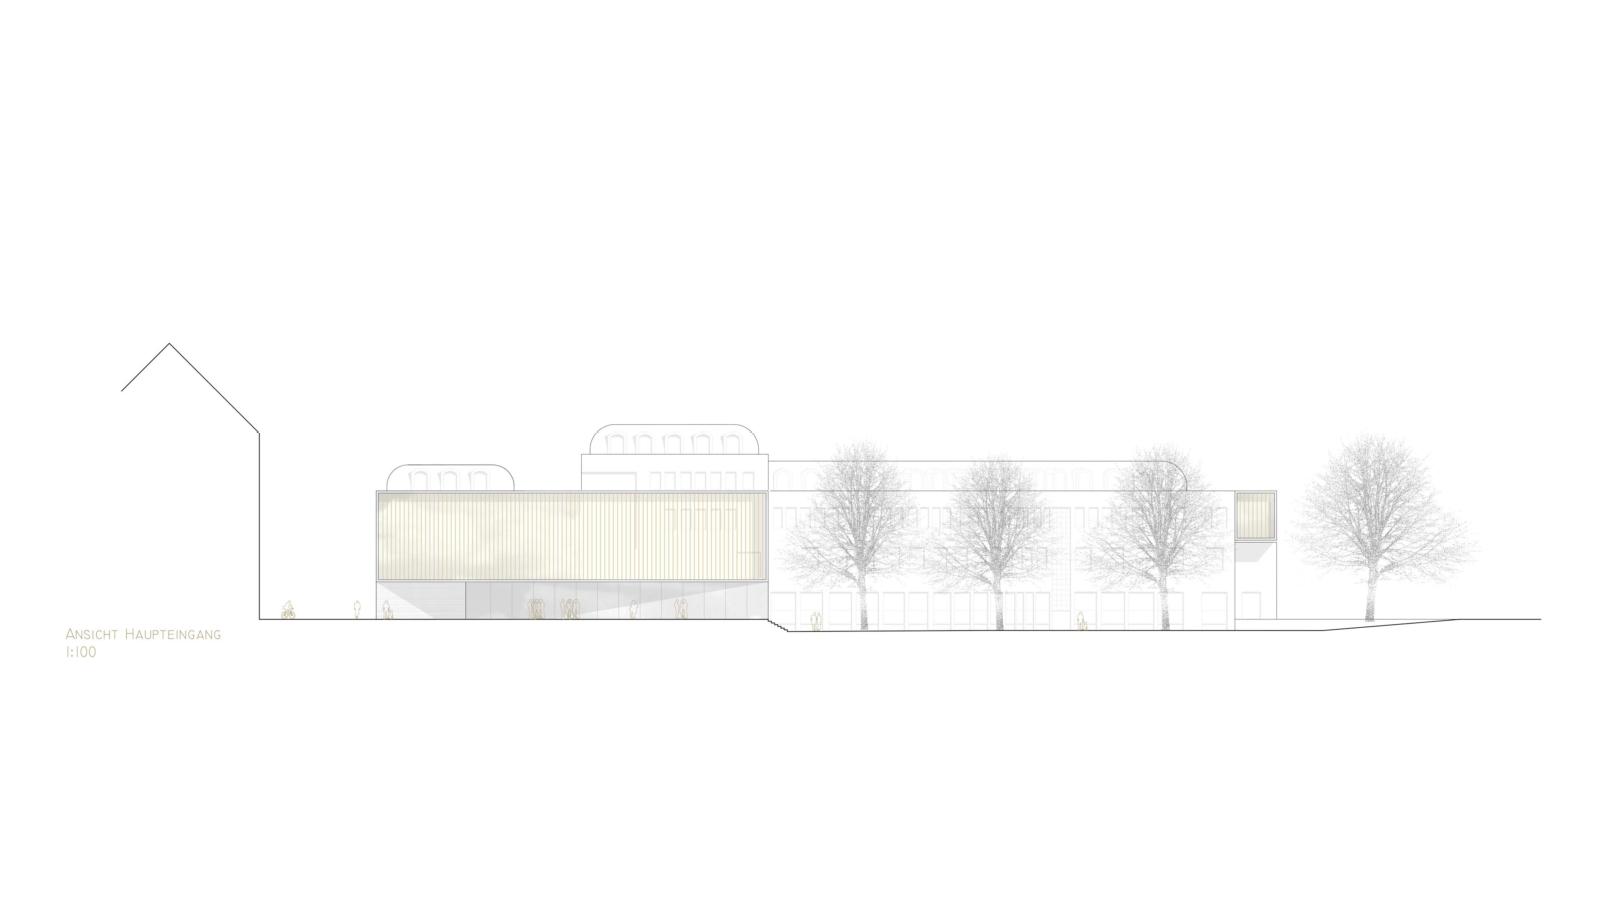 WETTBEWERB Sanierung und Erweiterung Kunstuniversität GRAZ Ansicht Hauptzugang